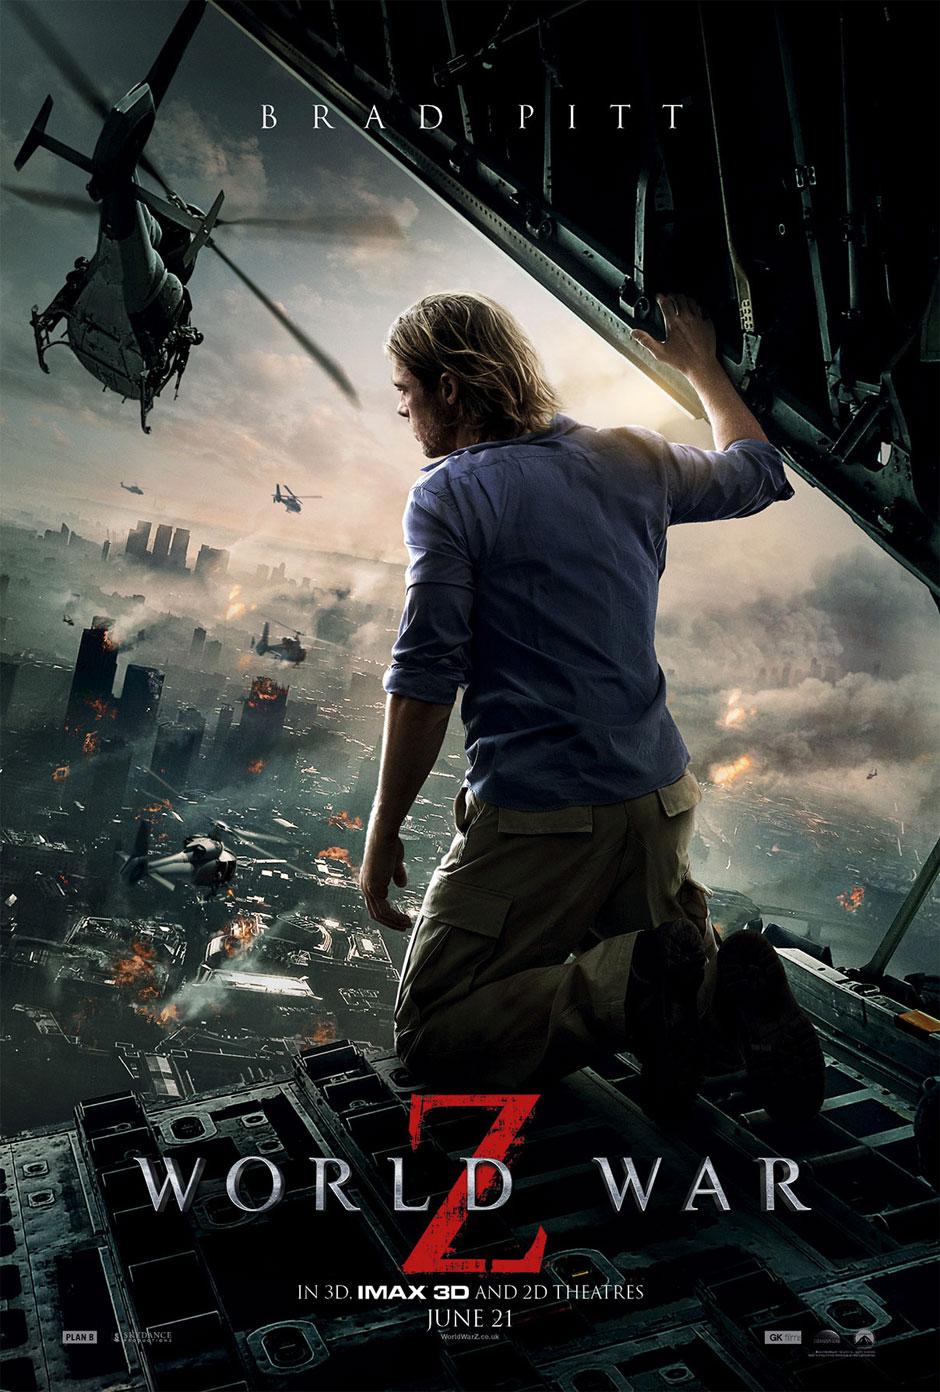 World-War-Z-2013-Movie-Poster2.jpg